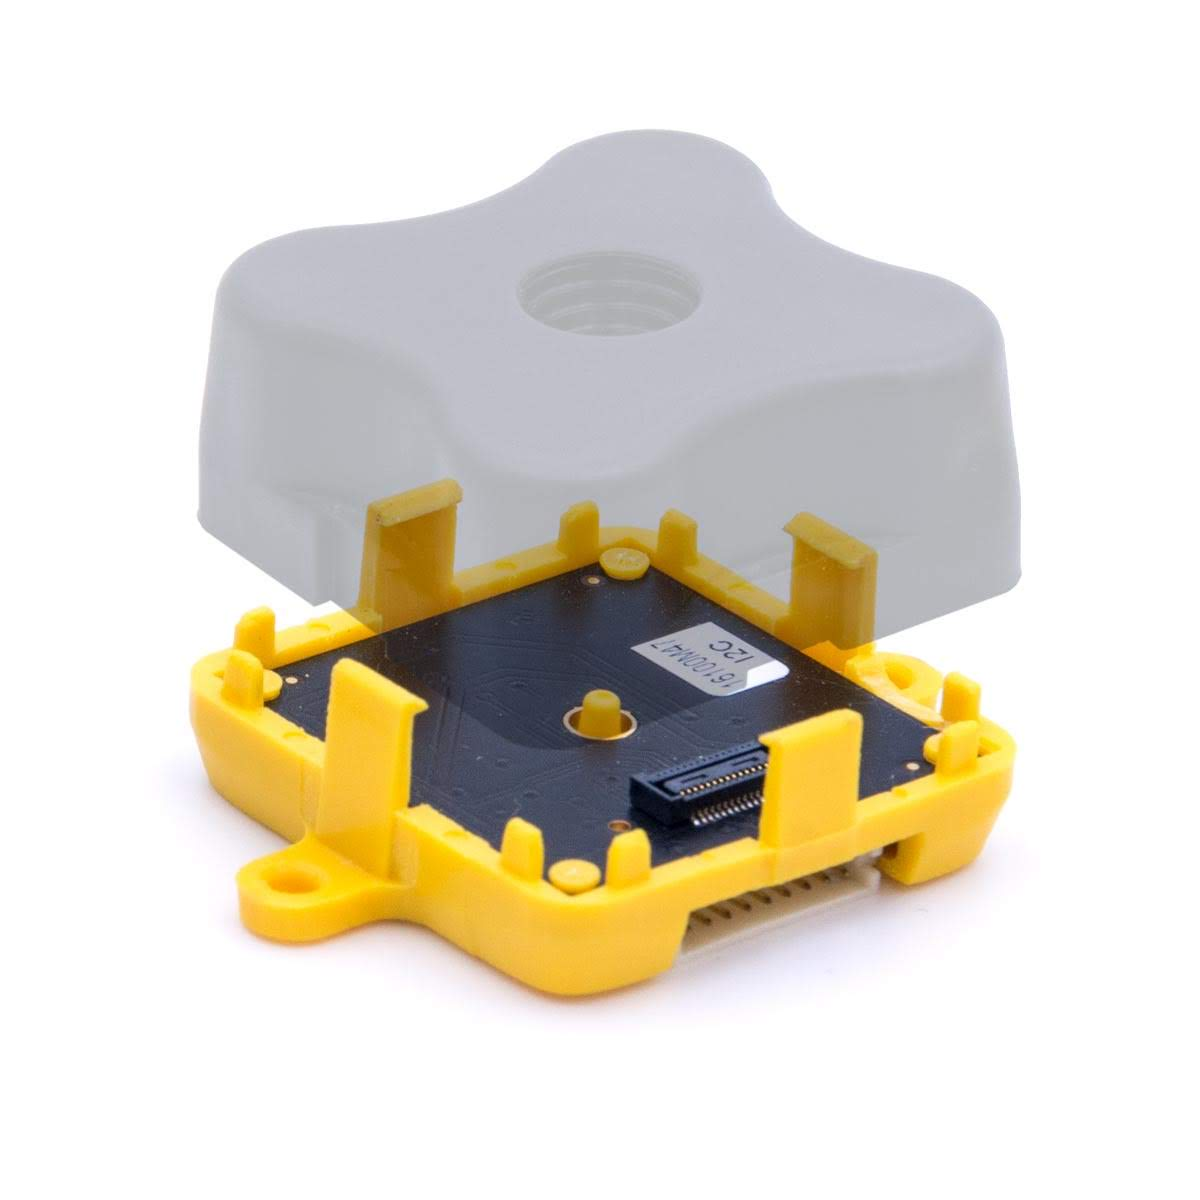 Teraranger Evo Thermal 33 Ir Sensor